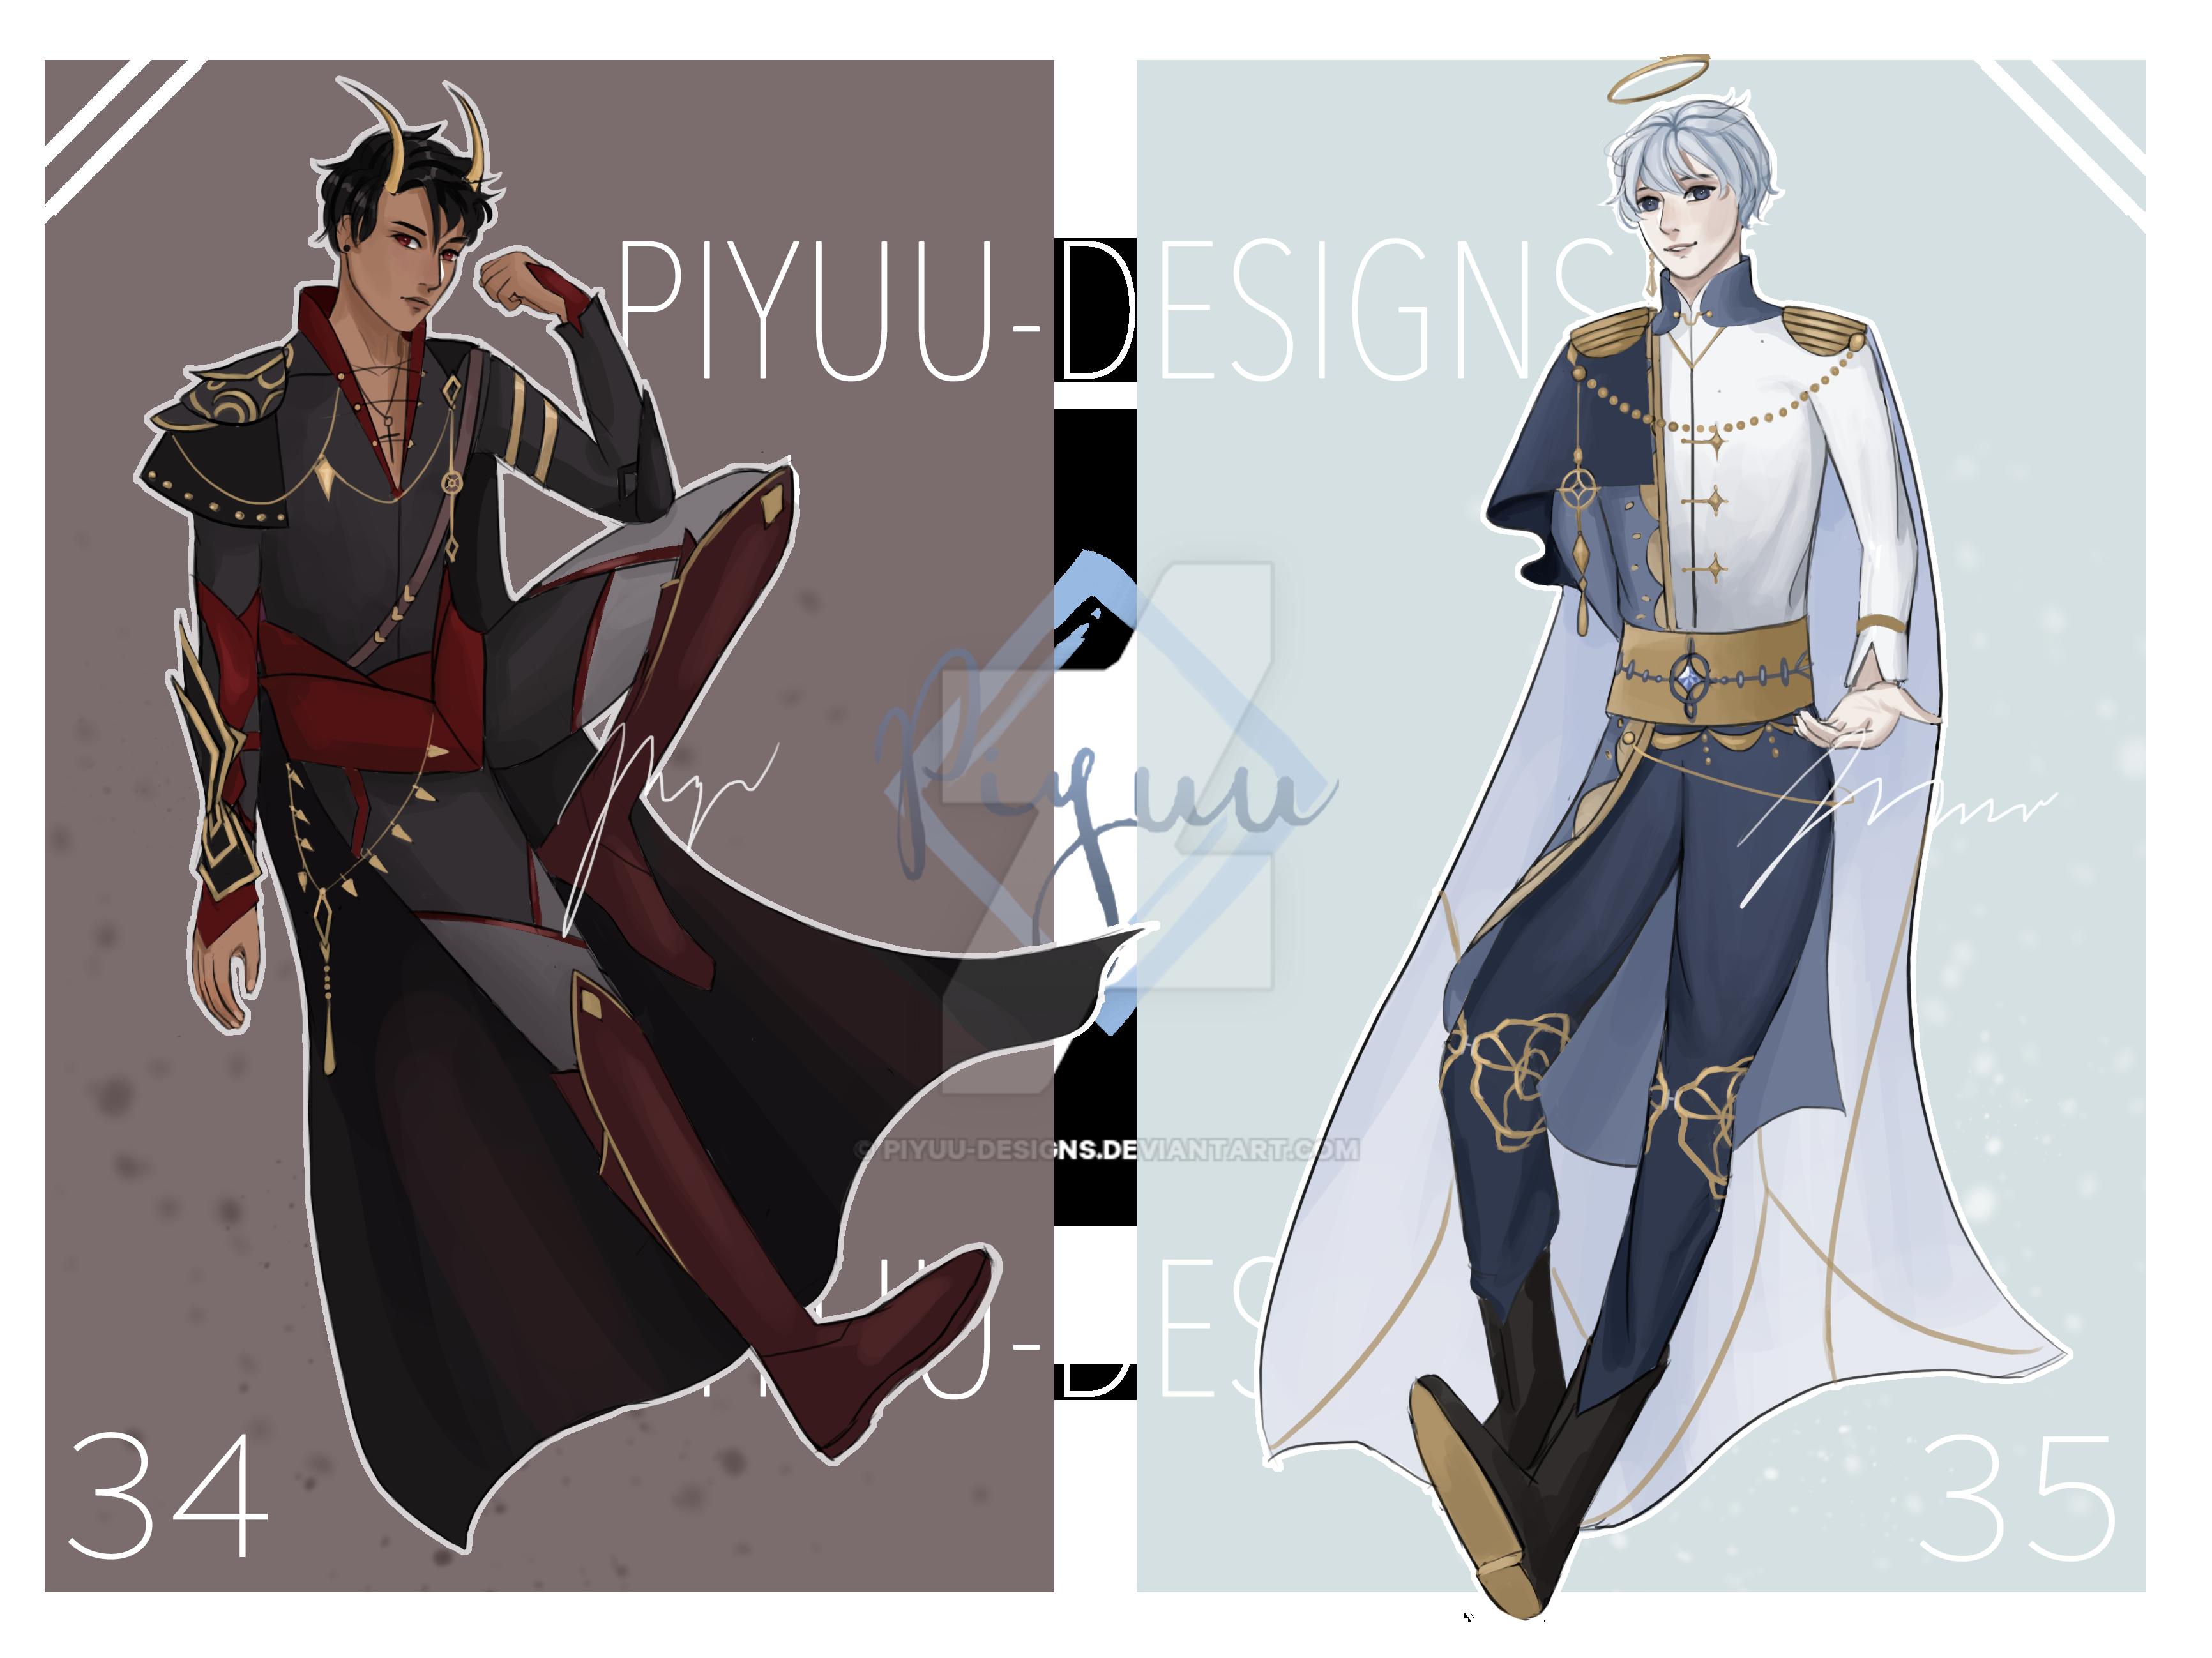 designs_34_35_by_piyuu_designs-dd04ugb.p